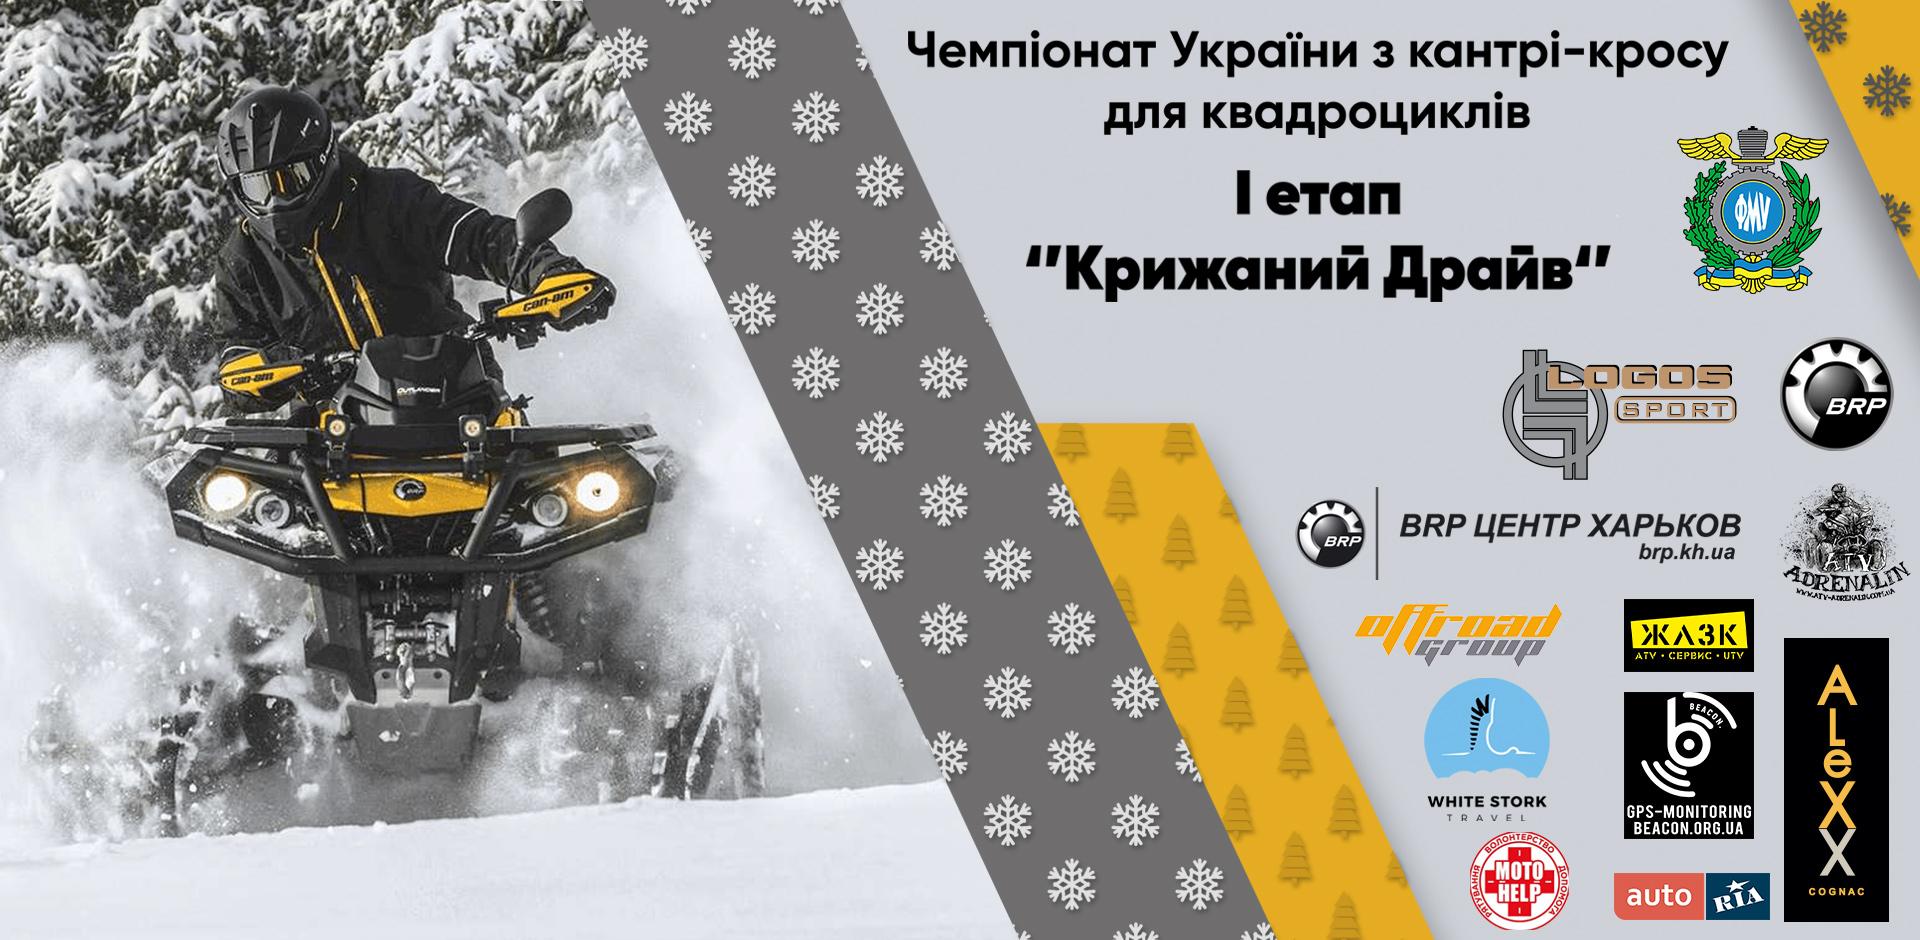 22 лютого 2020 року відбудеться 1-й етап Чемпіонату України з Кантрі Кросу